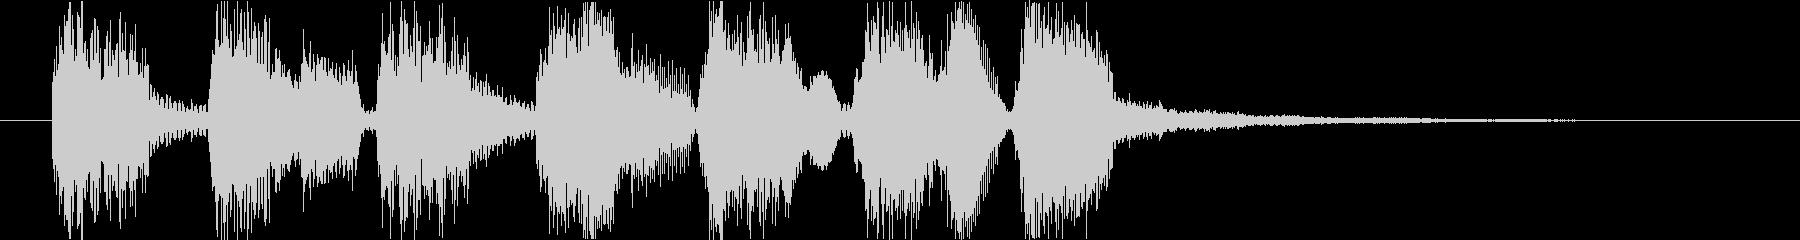 ジングル ゲームオーバー ポップの未再生の波形